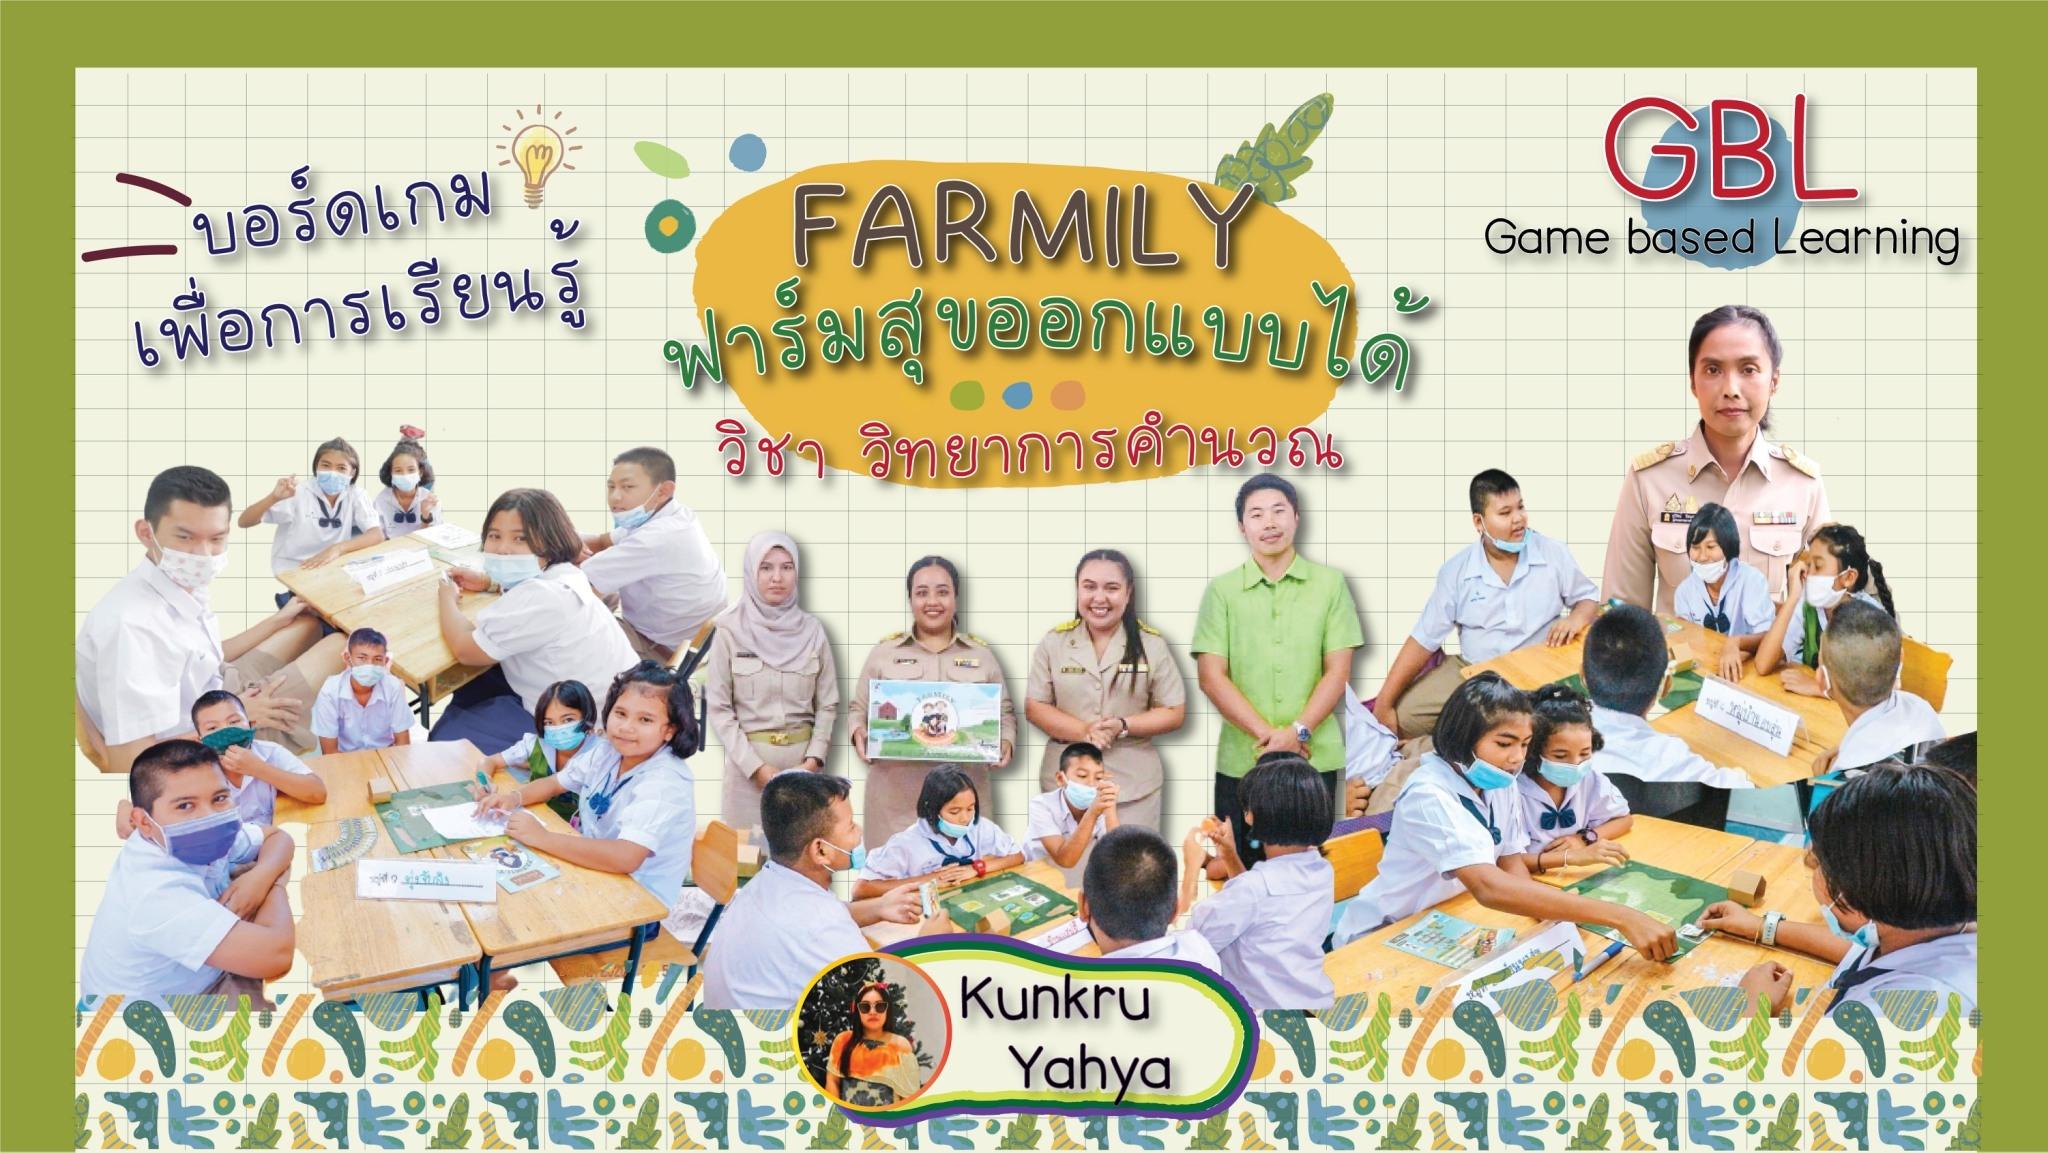 ภาพประกอบไอเดีย Farmily ฟาร์มสุขออกแบบได้